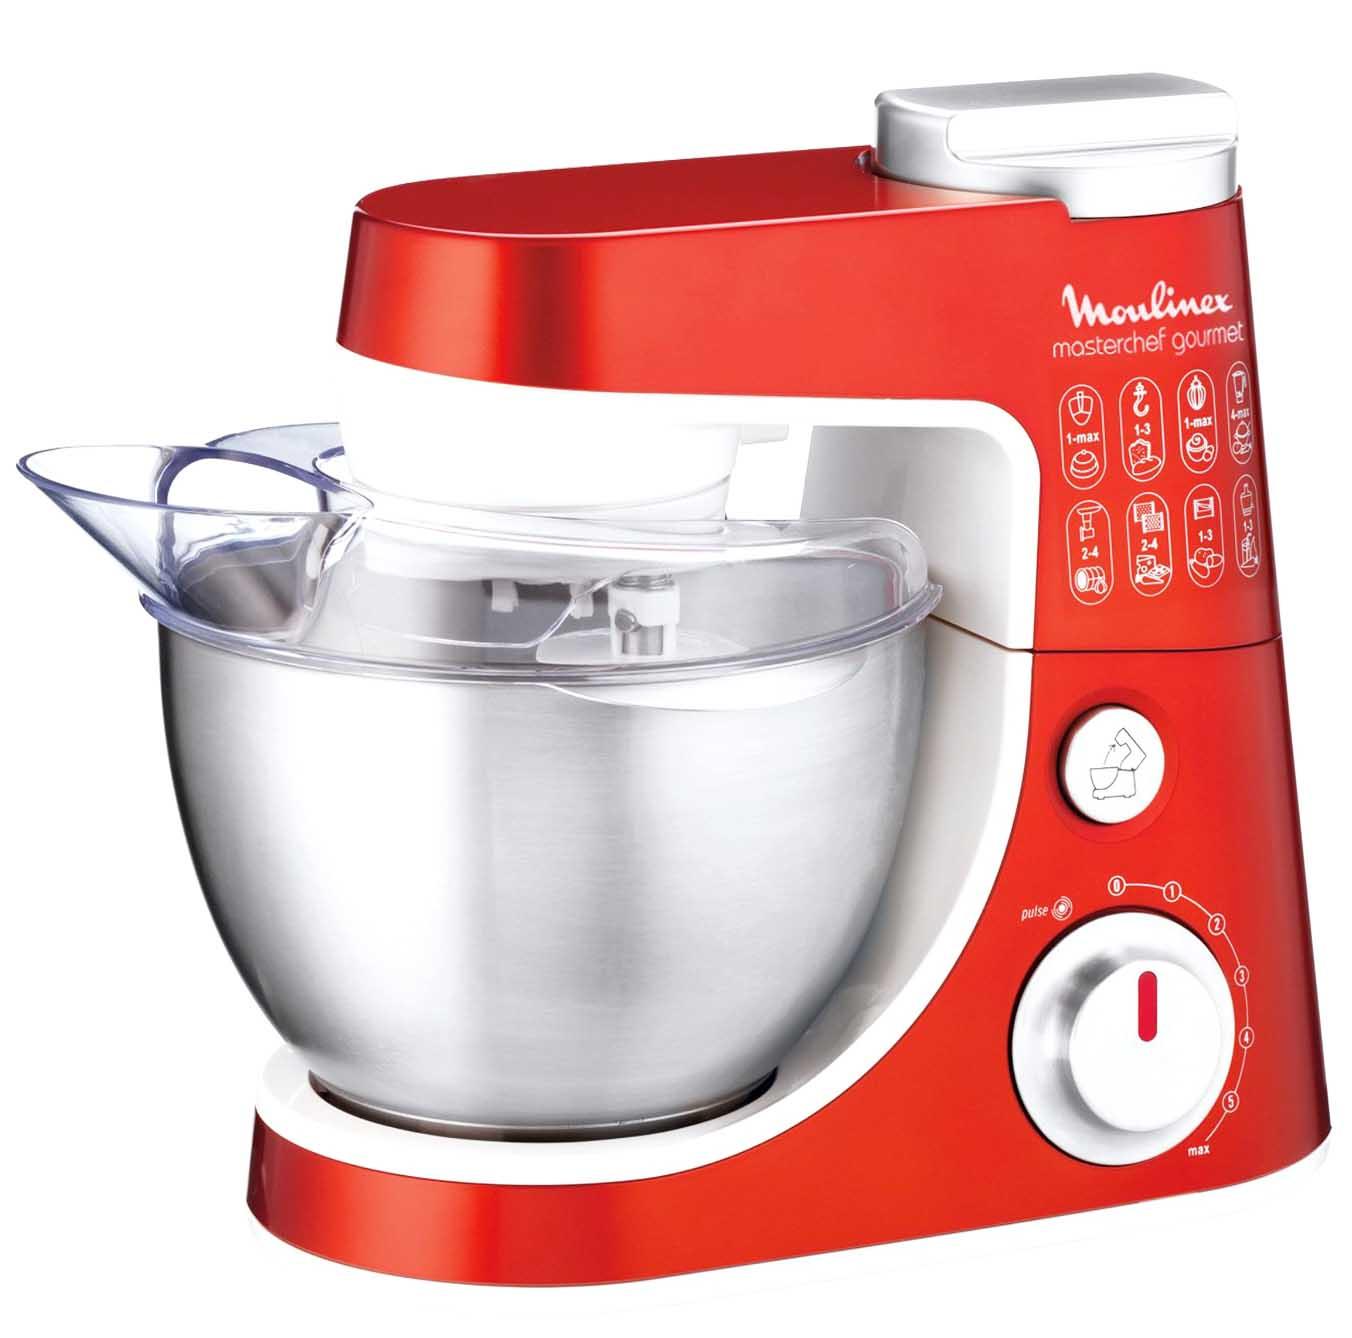 Moulinex qa403g01 leggi la recensione con foto e utili consigli - Prezzo robot da cucina moulinex ...